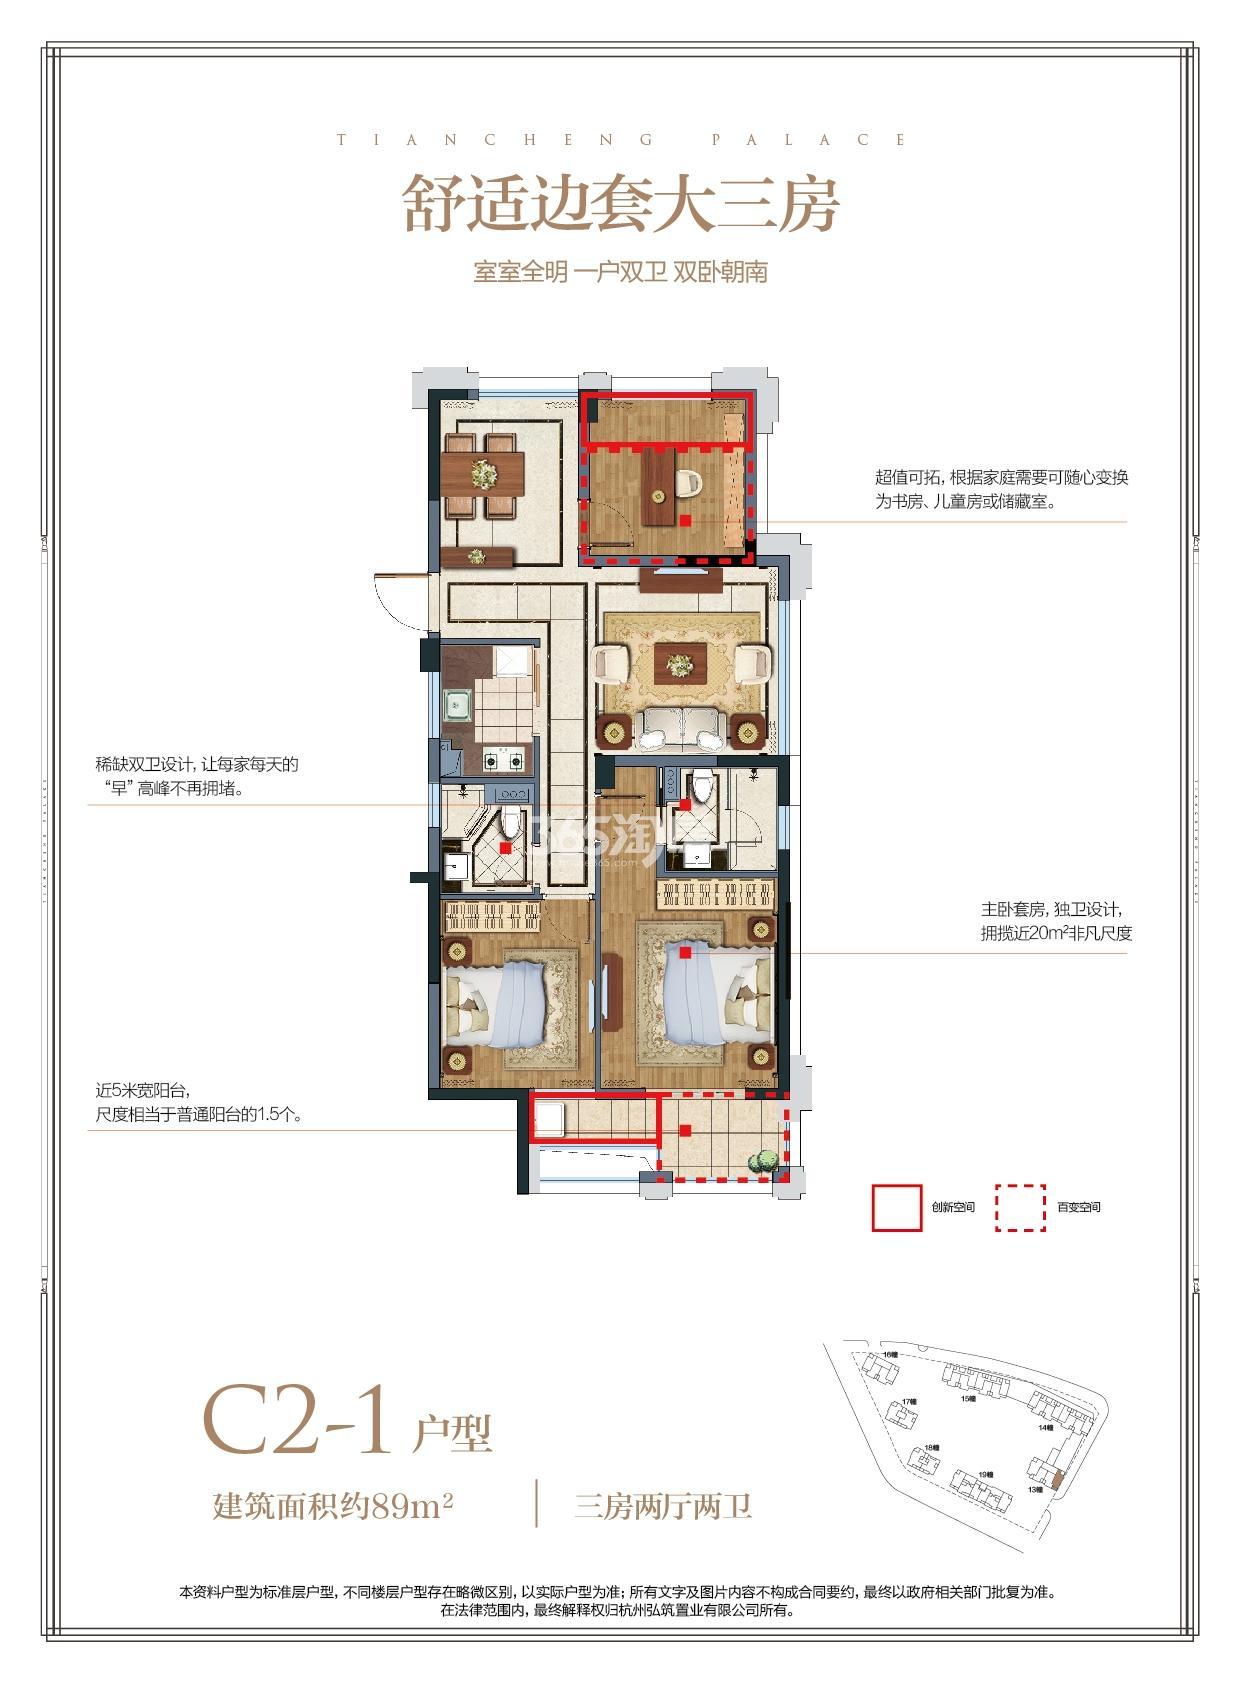 天城府C2-1户型图89方(13号楼)